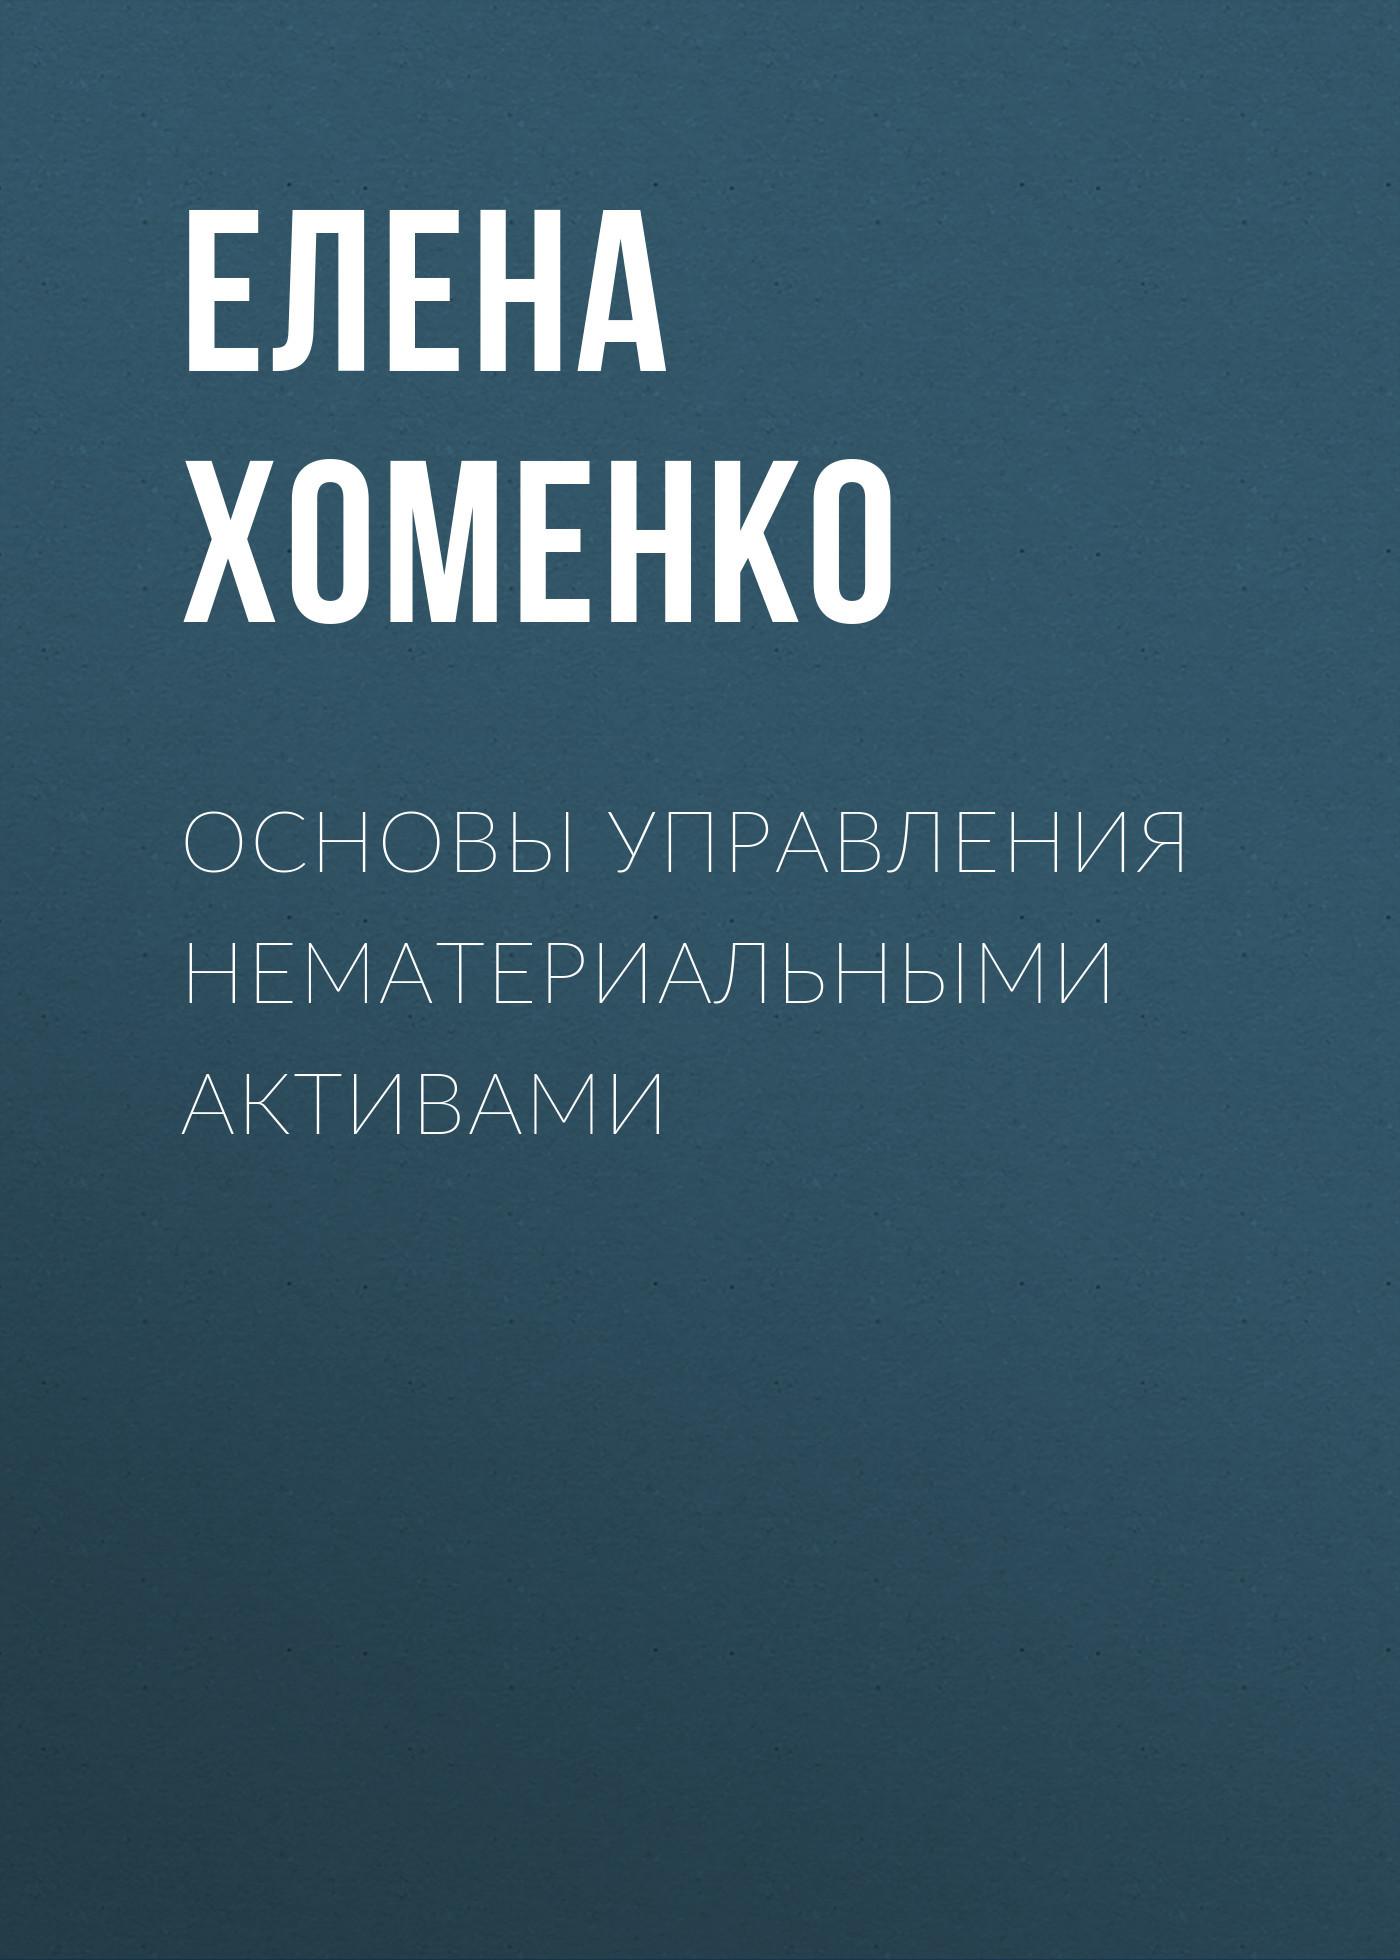 Елена Хоменко Основы управления нематериальными активами елена хоменко научная работа магистрантов